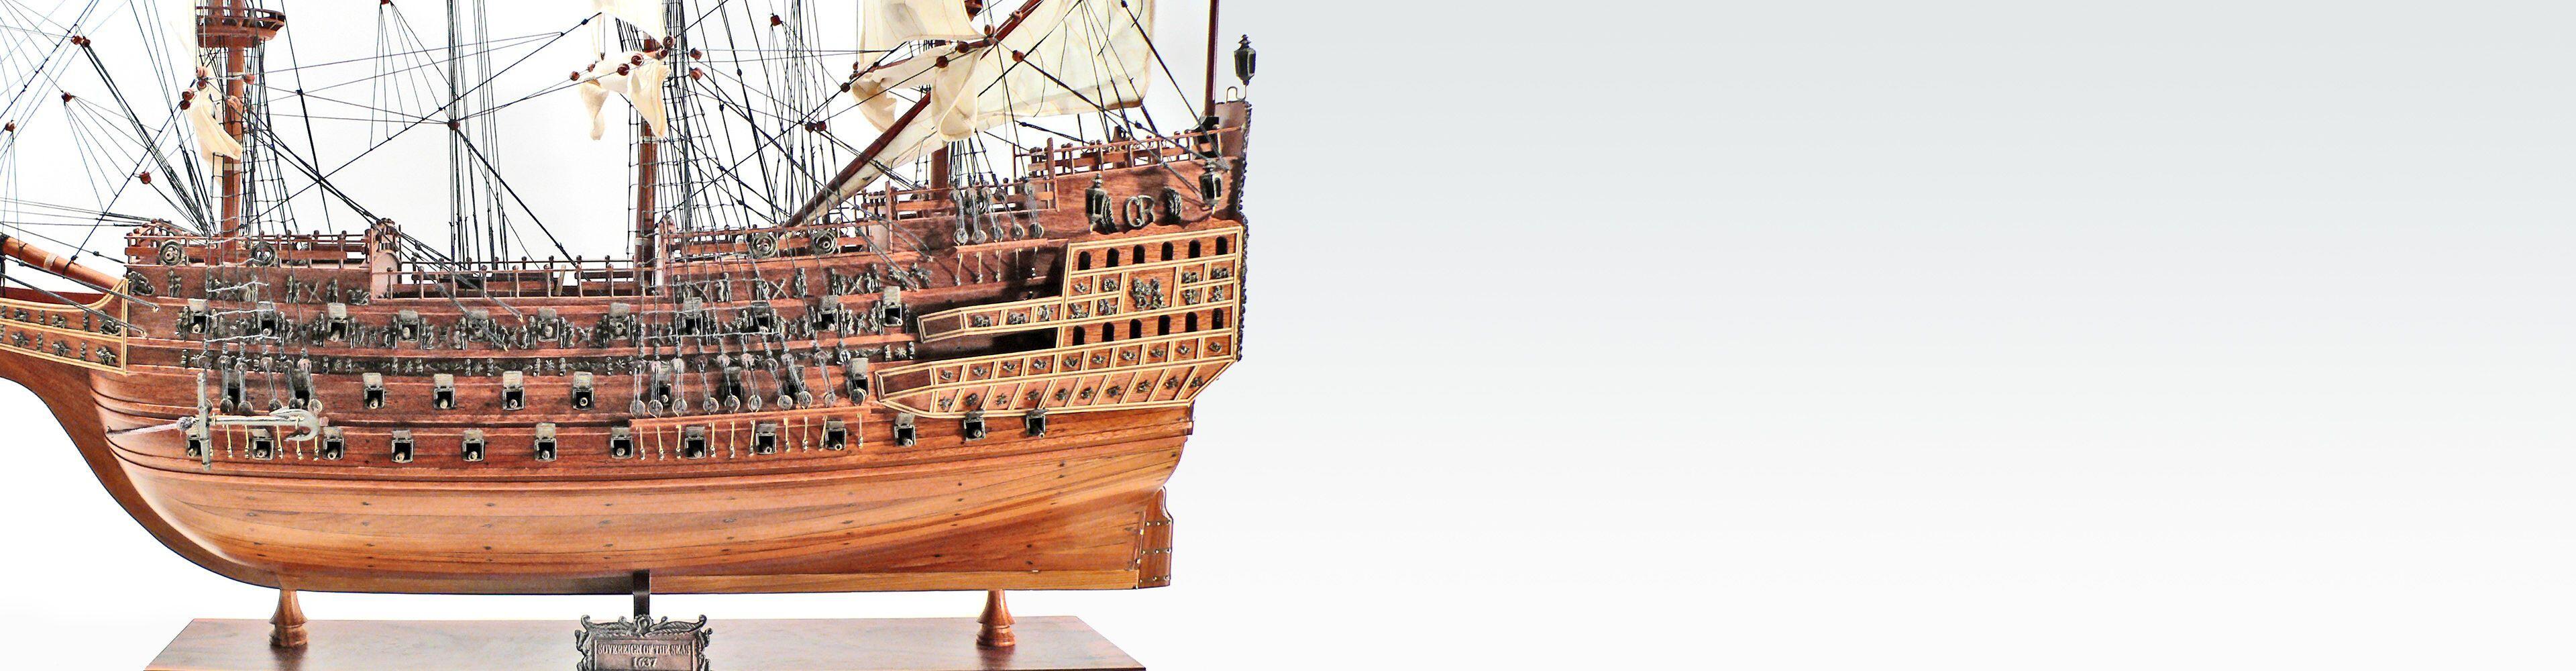 Wunderschöne historische Schiffsmodelle aus Holz